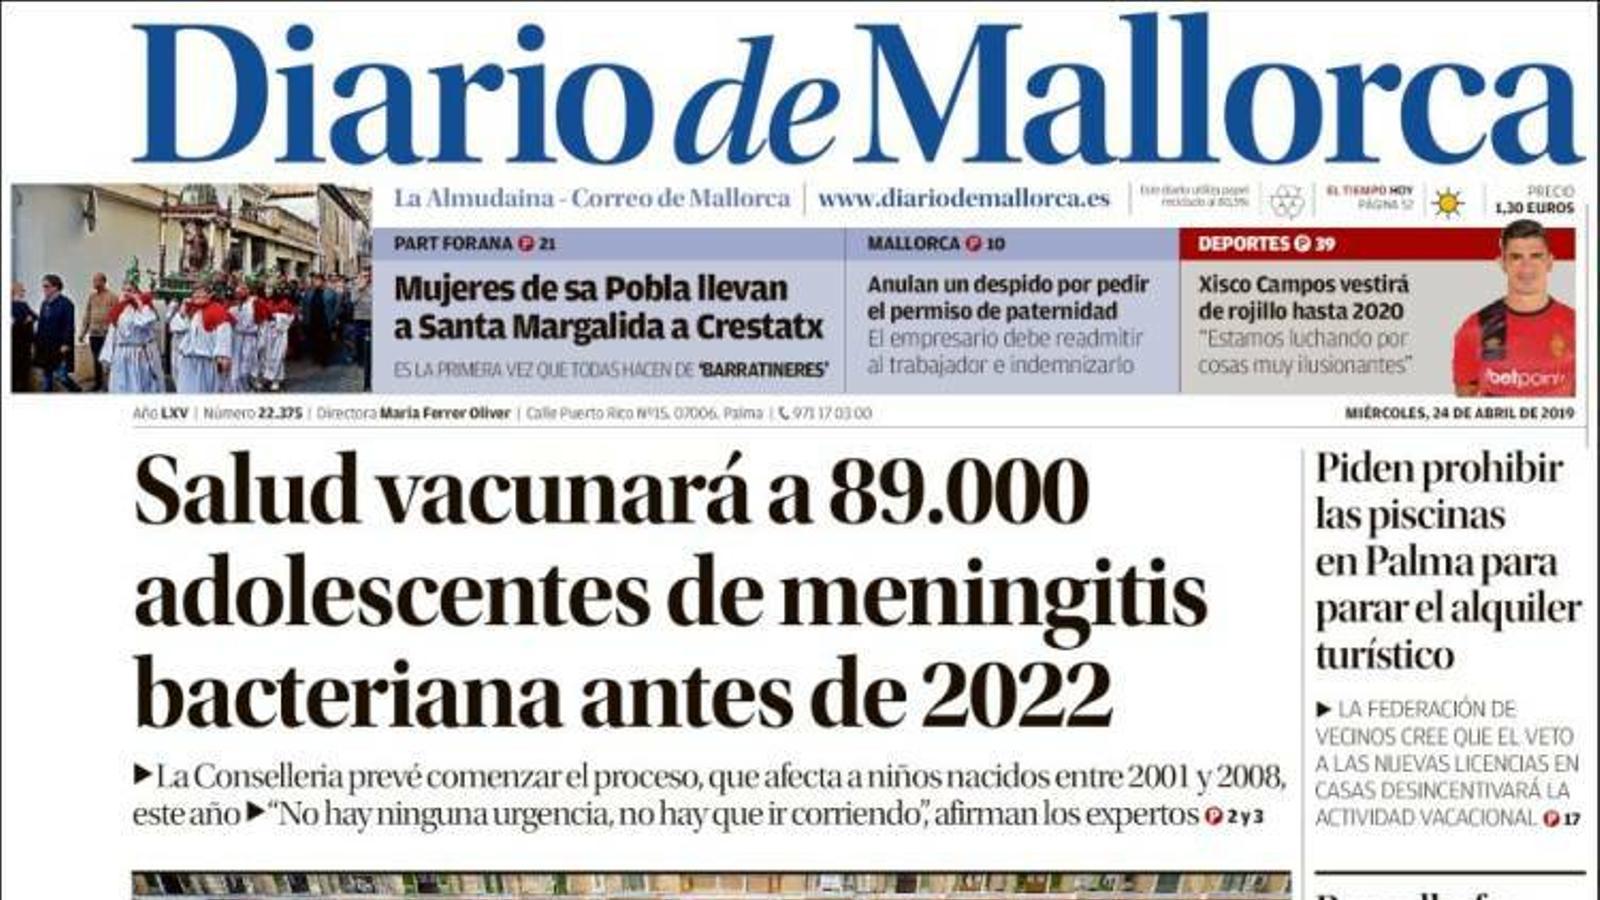 """""""Salut vacunarà 89.000 adolescents de meningitis bacteriana abans de 2022"""", portada de 'Diario de Mallorca'"""